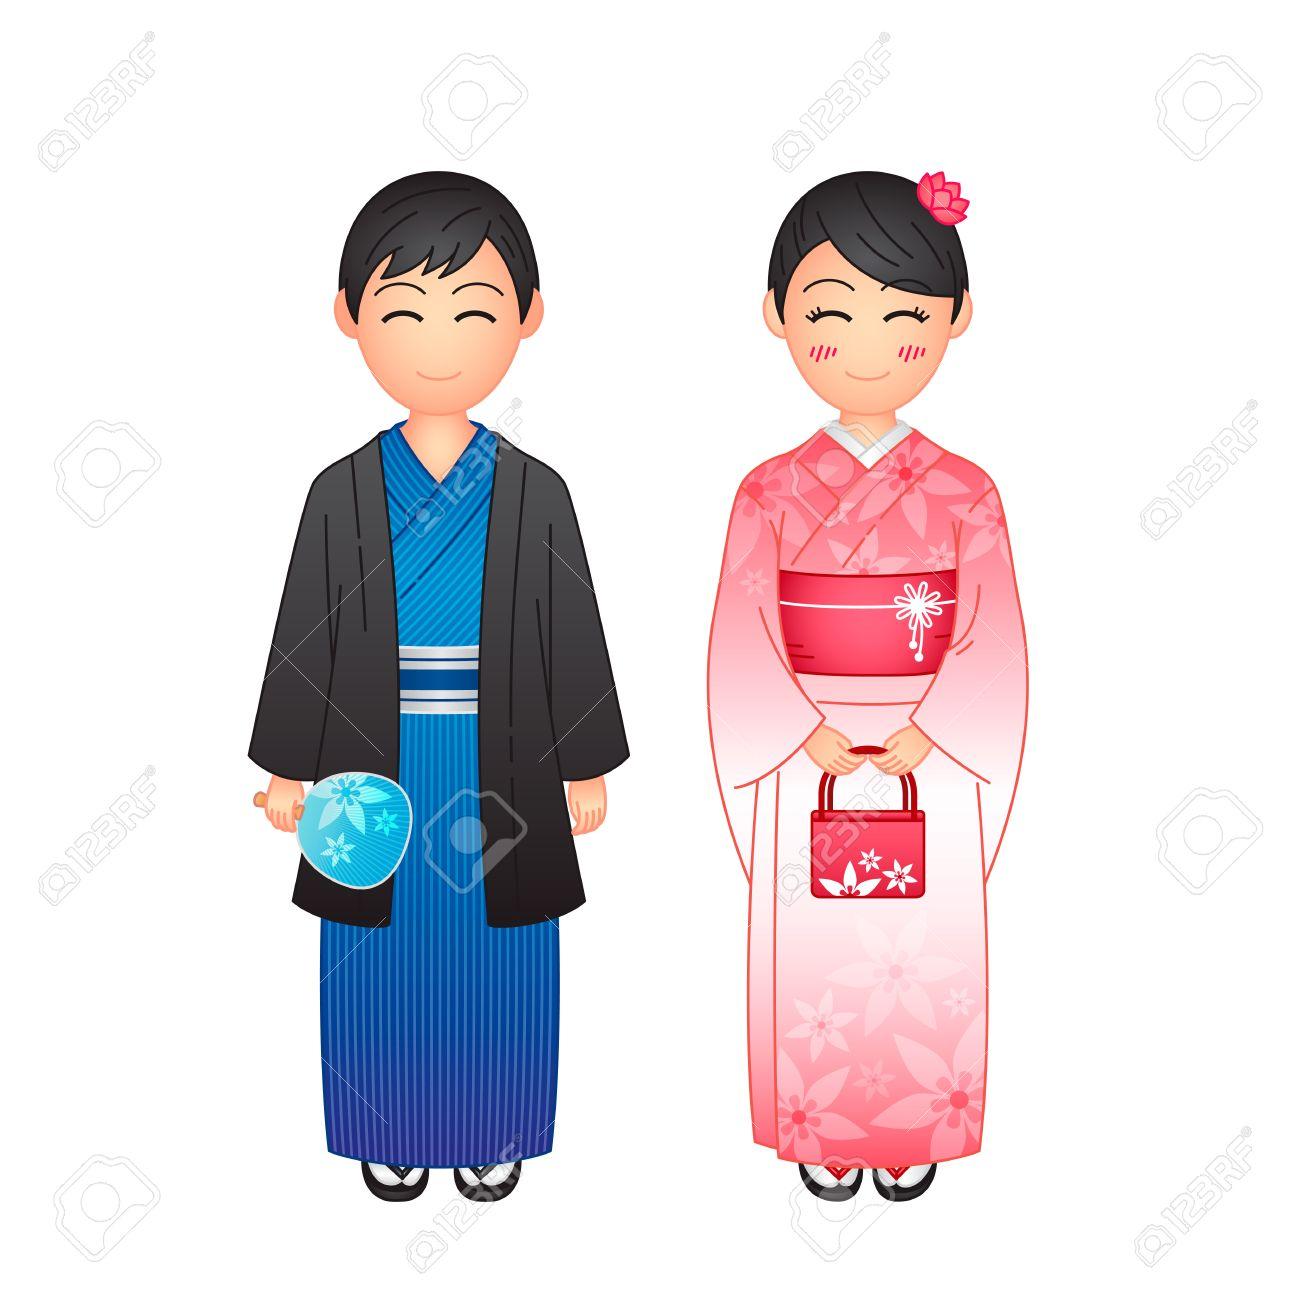 de7695b26 Ilustración del vector, mujer y hombre vistiendo yukata ropa tradicional  japonesa en el fondo blanco